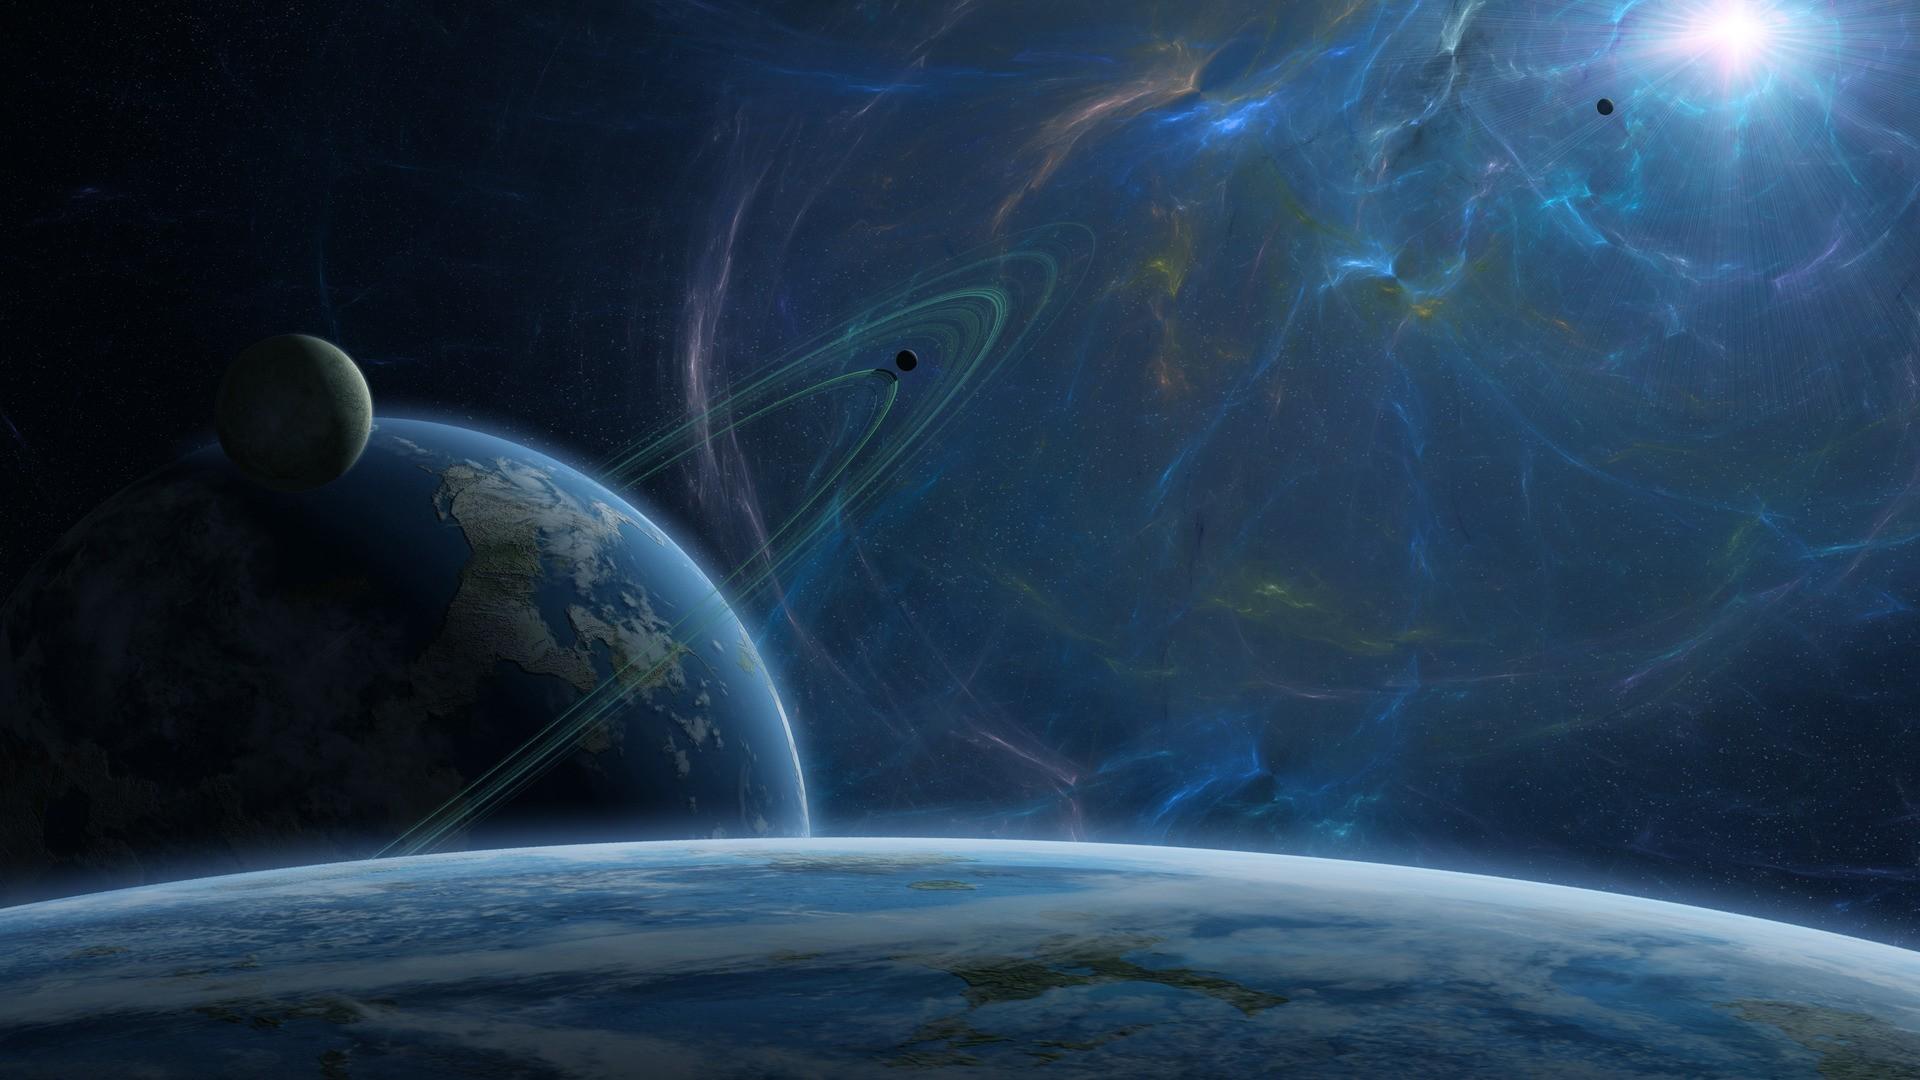 Картинка о вселенной